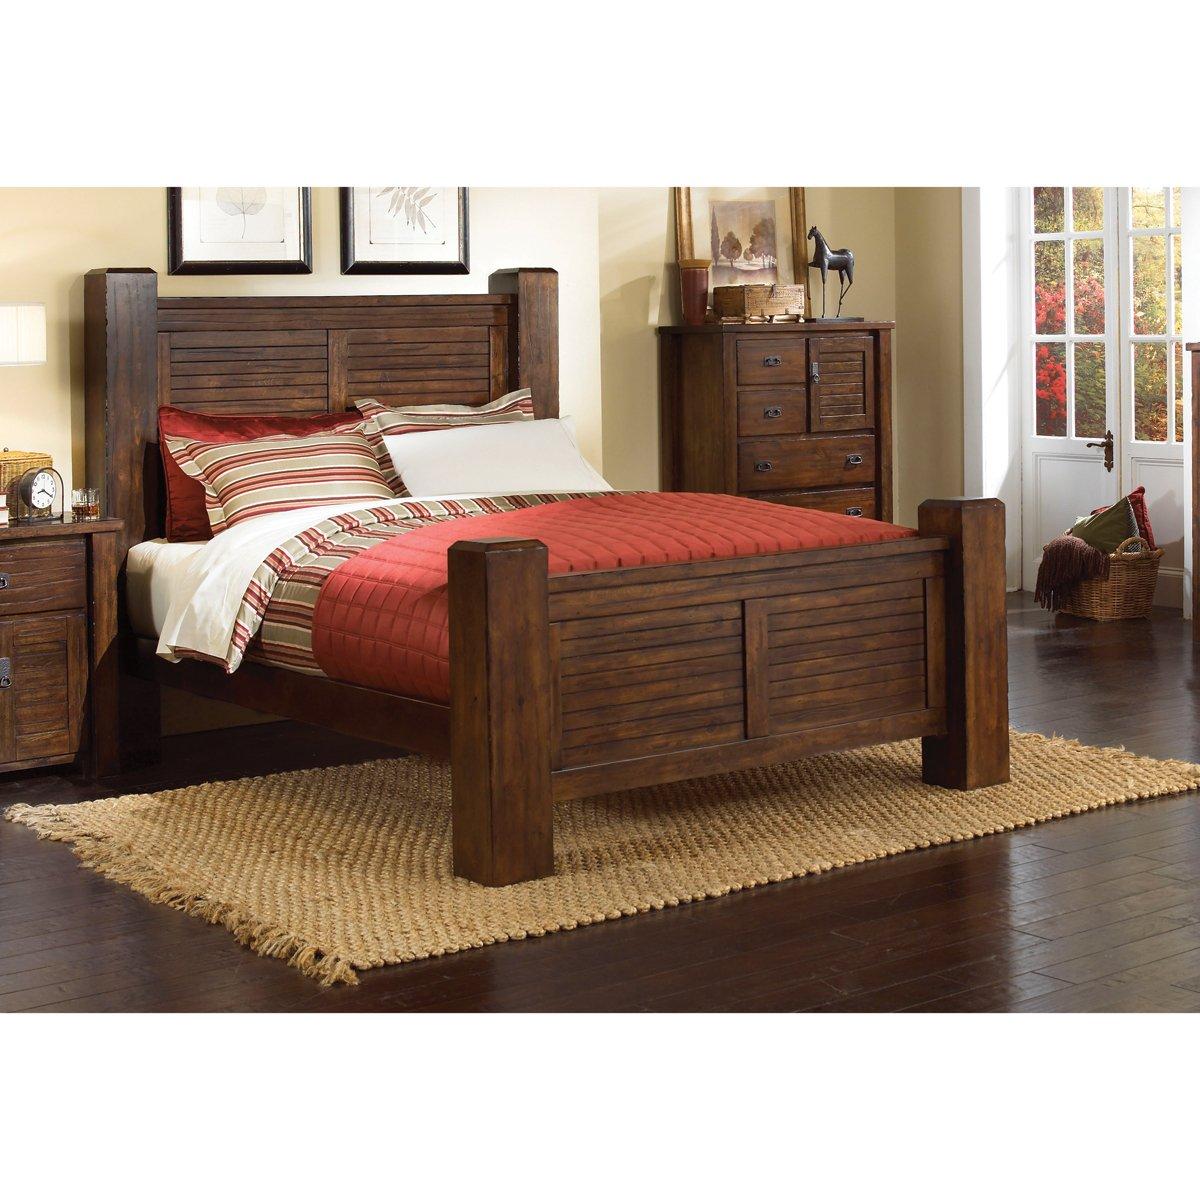 Dark Pine 6-Piece California King Bed Bedroom Set